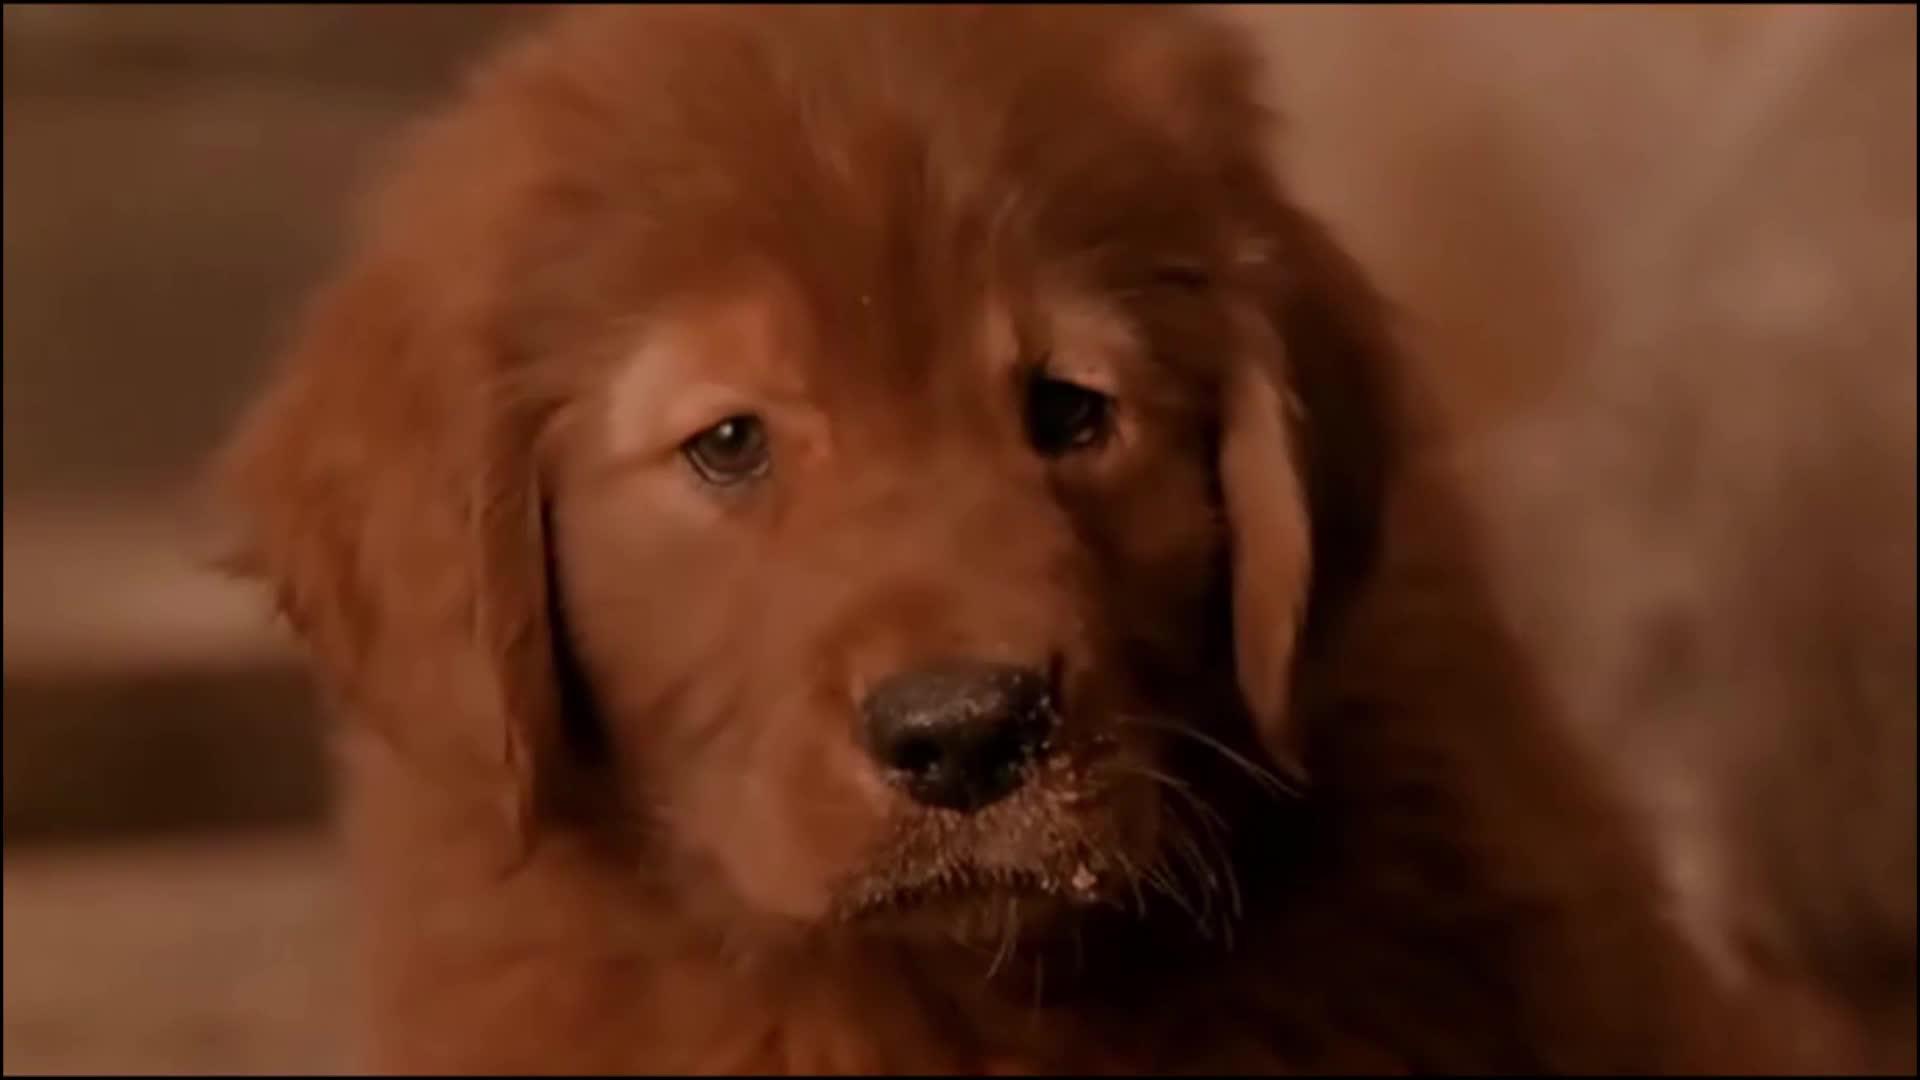 #经典看电影#几分钟看完《再世人狗缘》男子投胎变成狗,回到了家人身边